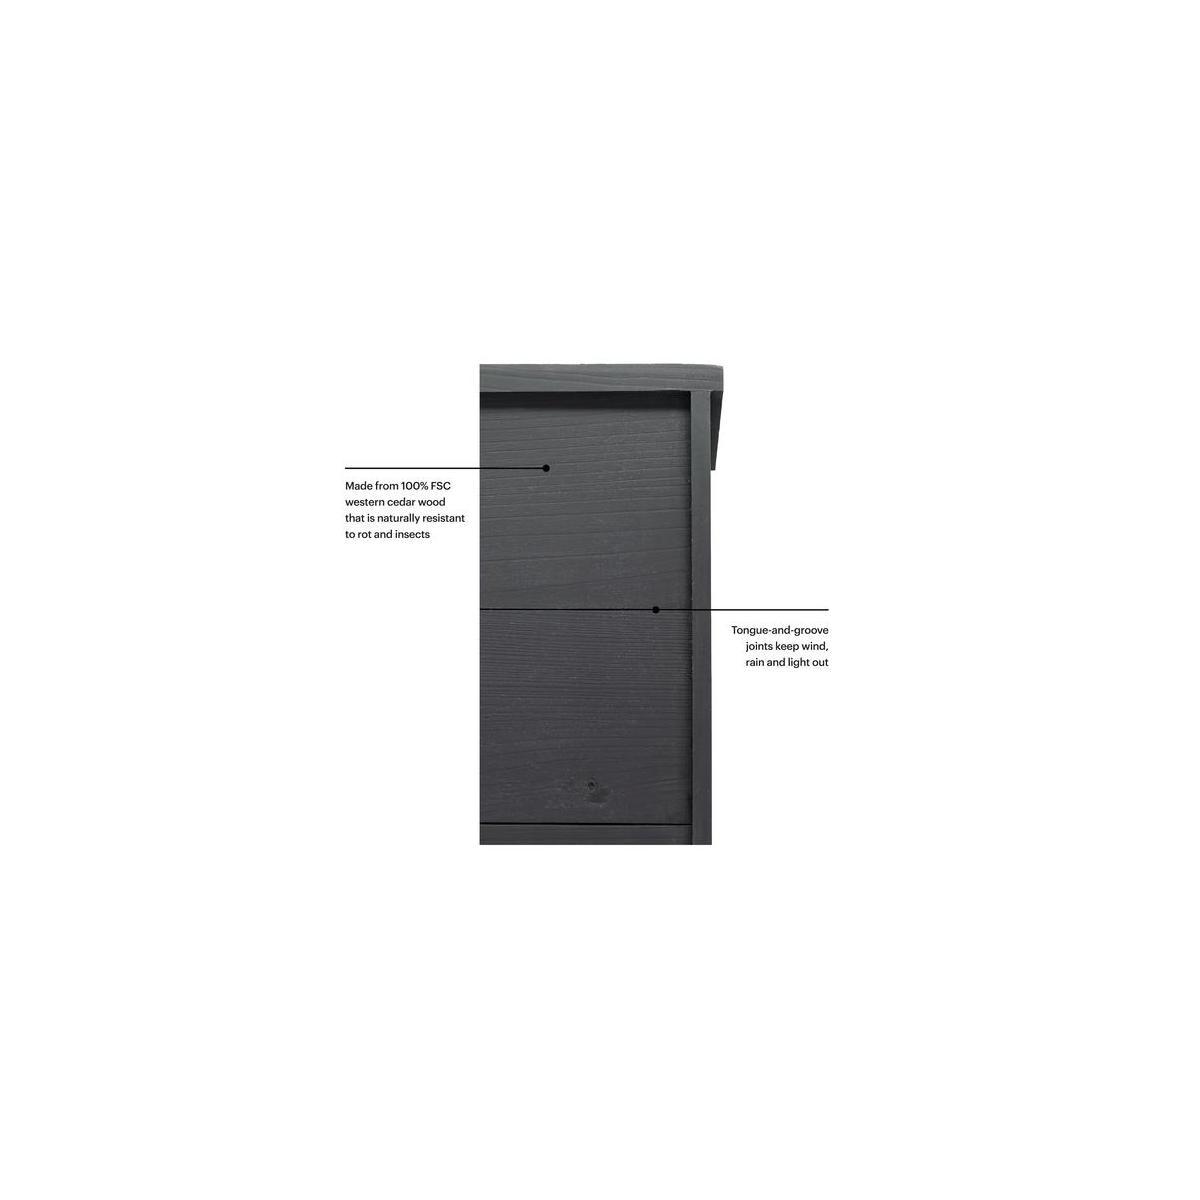 WHITEHORSE Premium Cedar Bat House A 2-Chamber Bat Box That is Built to Las...